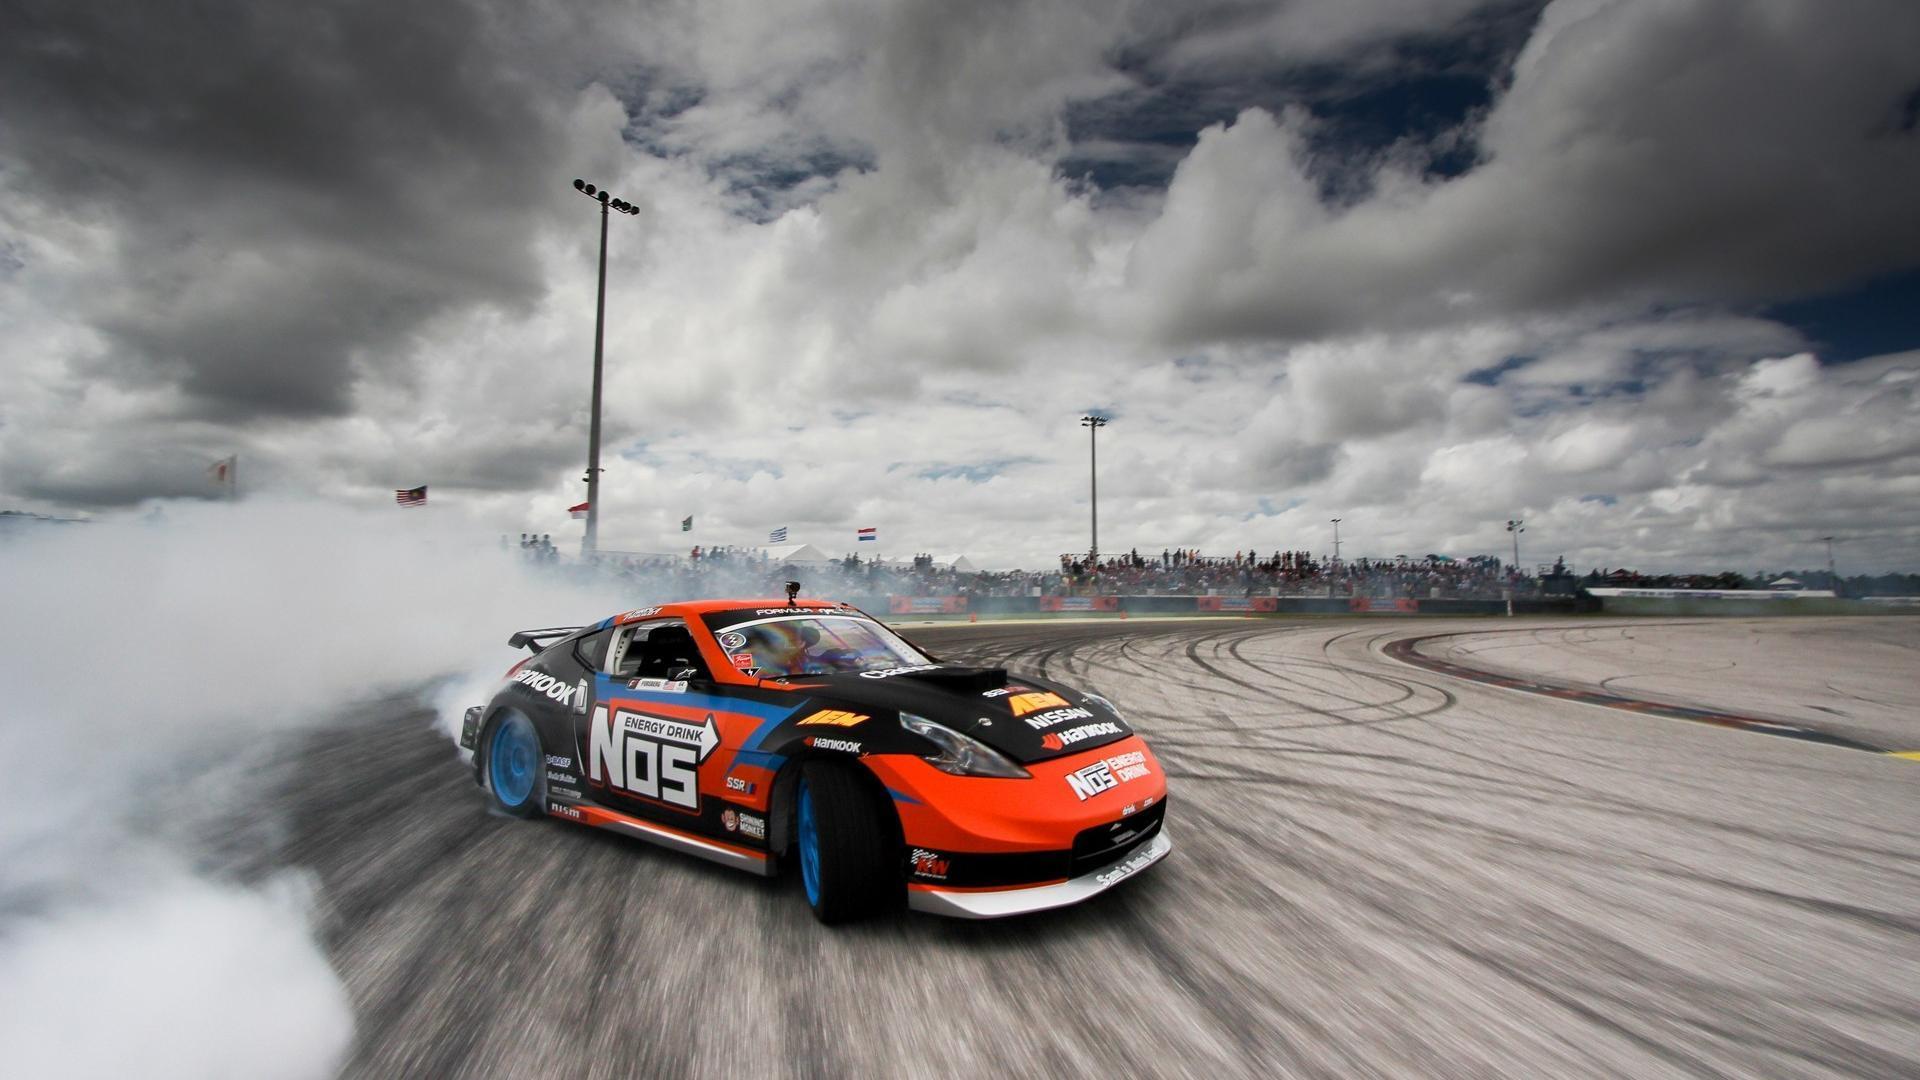 Formula drift wallpapers top free formula drift - Drift car wallpaper ...